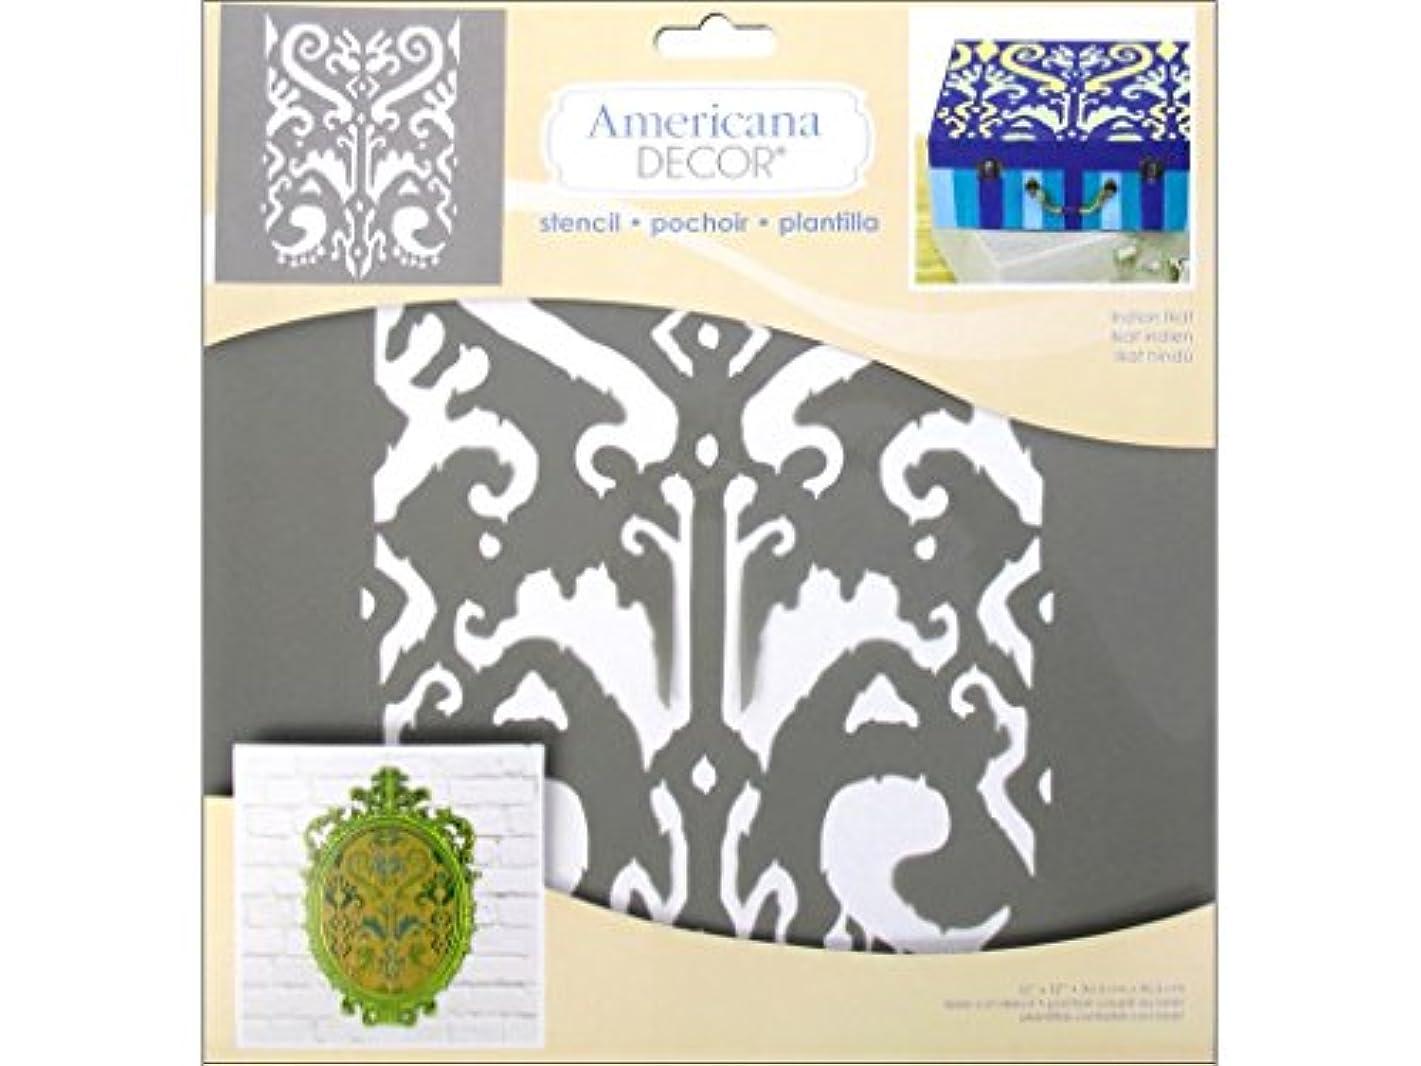 DecoArt Americana Indian Ikat Decor Stencil